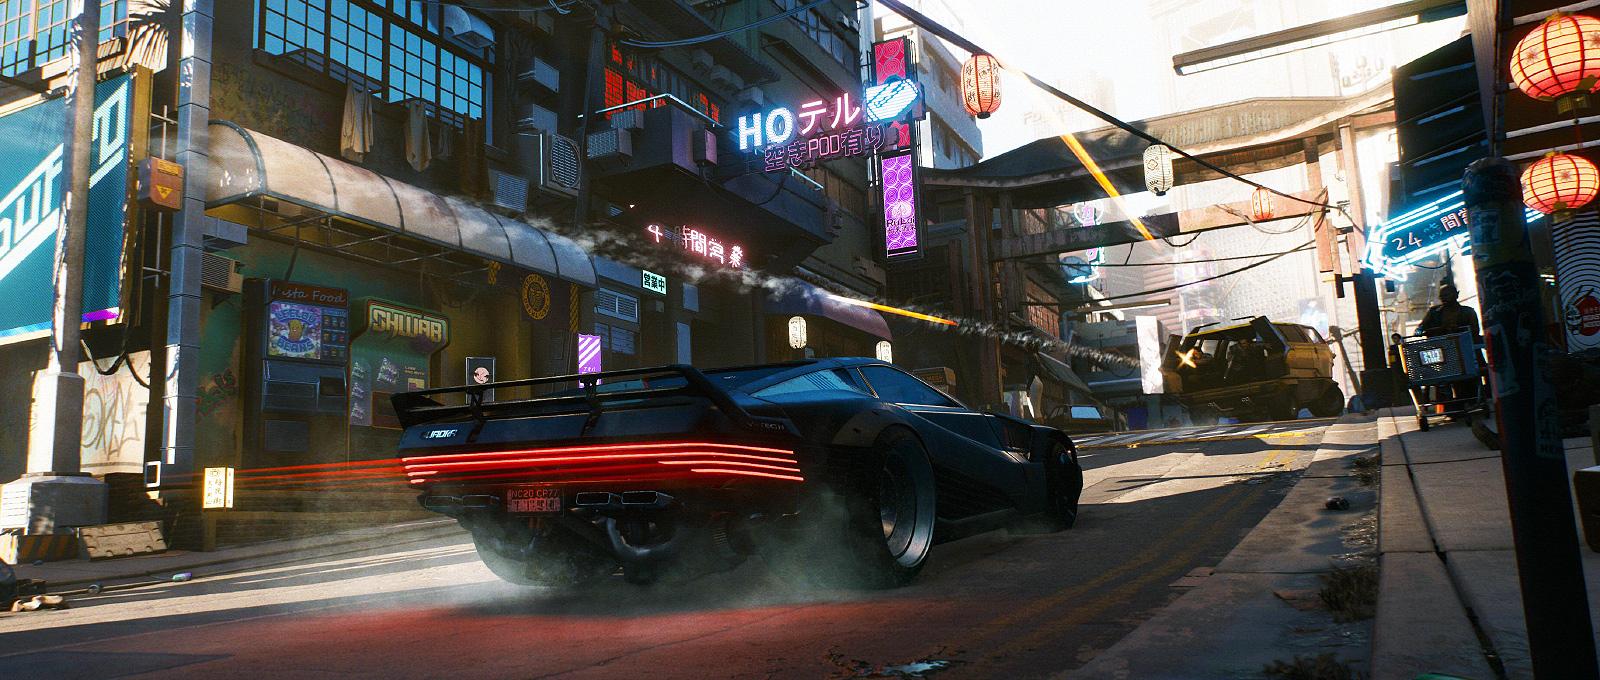 cyberpunk2077 auto